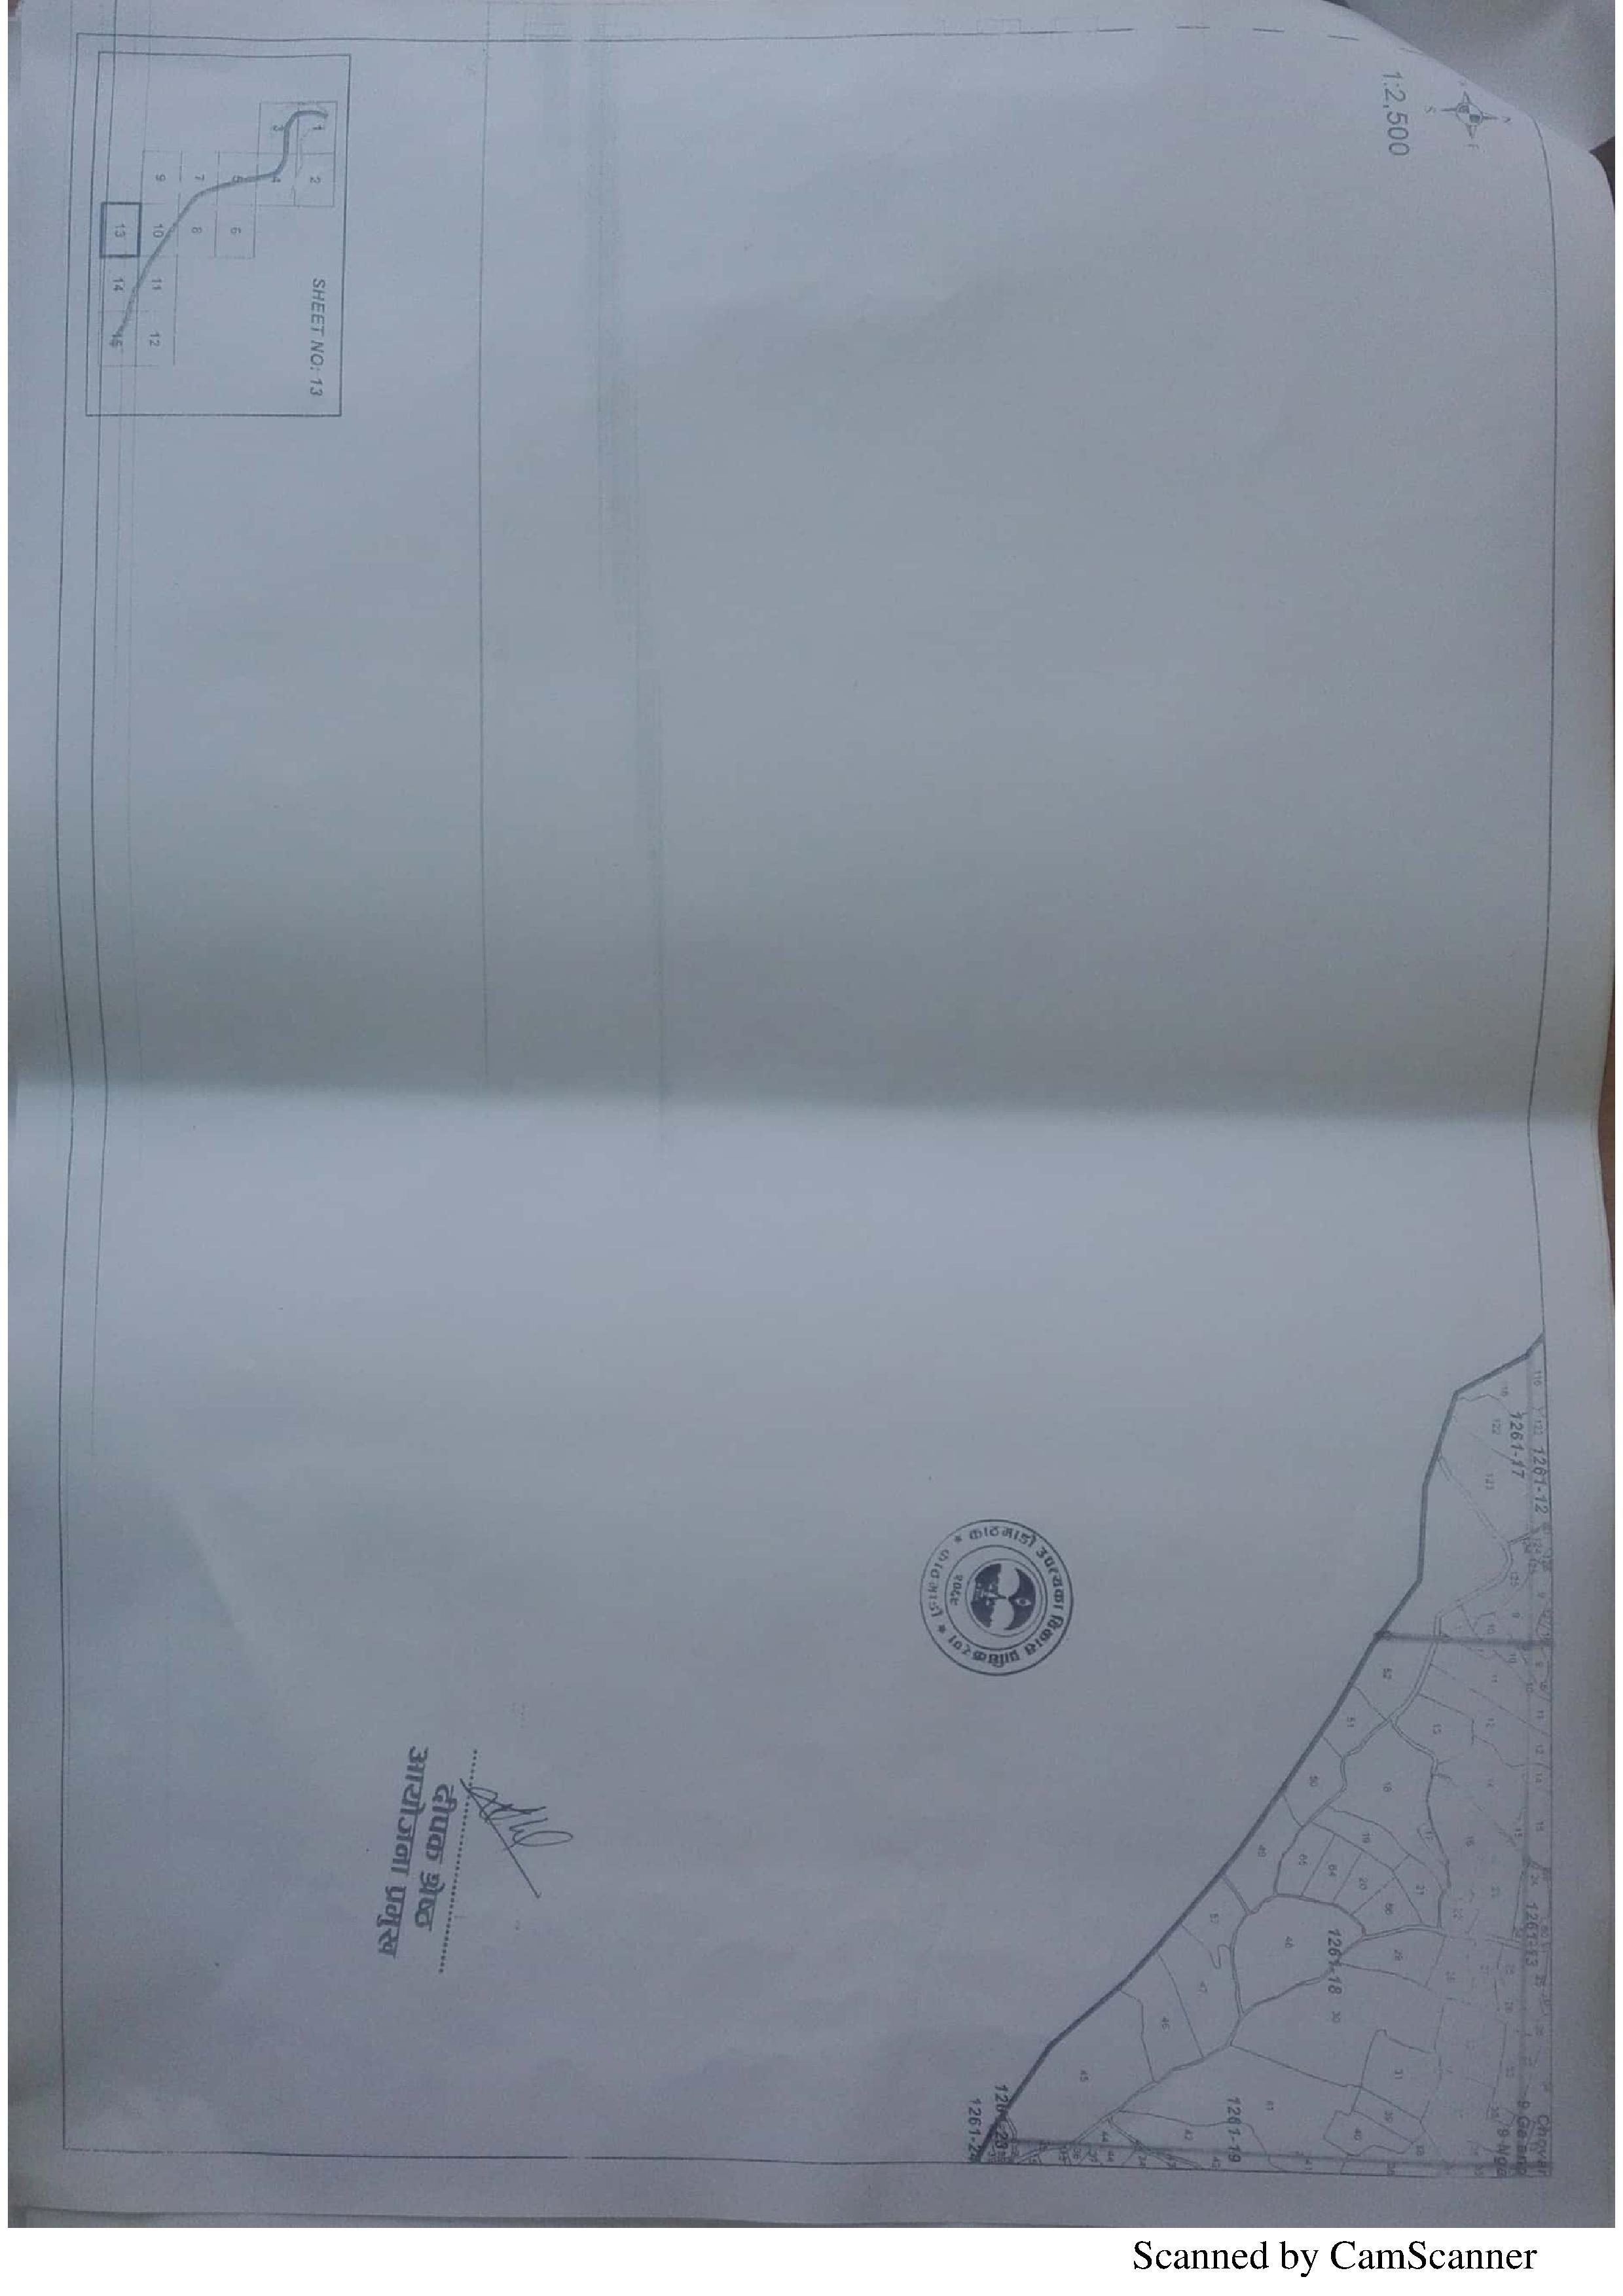 Chandragirinews outer-ring-road-12 बाहिरी चक्रपथको डि.पि.आर. (कित्ता न. सहित) तीनथाना दहचोक नगरपालिका नैकाप नयाँ भन्ज्यांग नैकाप पुरानो भन्ज्यांग बोसिंगाउँ ब्रेकिंग न्युज मछेगाउँ मातातिर्थ मुख्य राष्ट्रिय सतुंगल    chandragiri